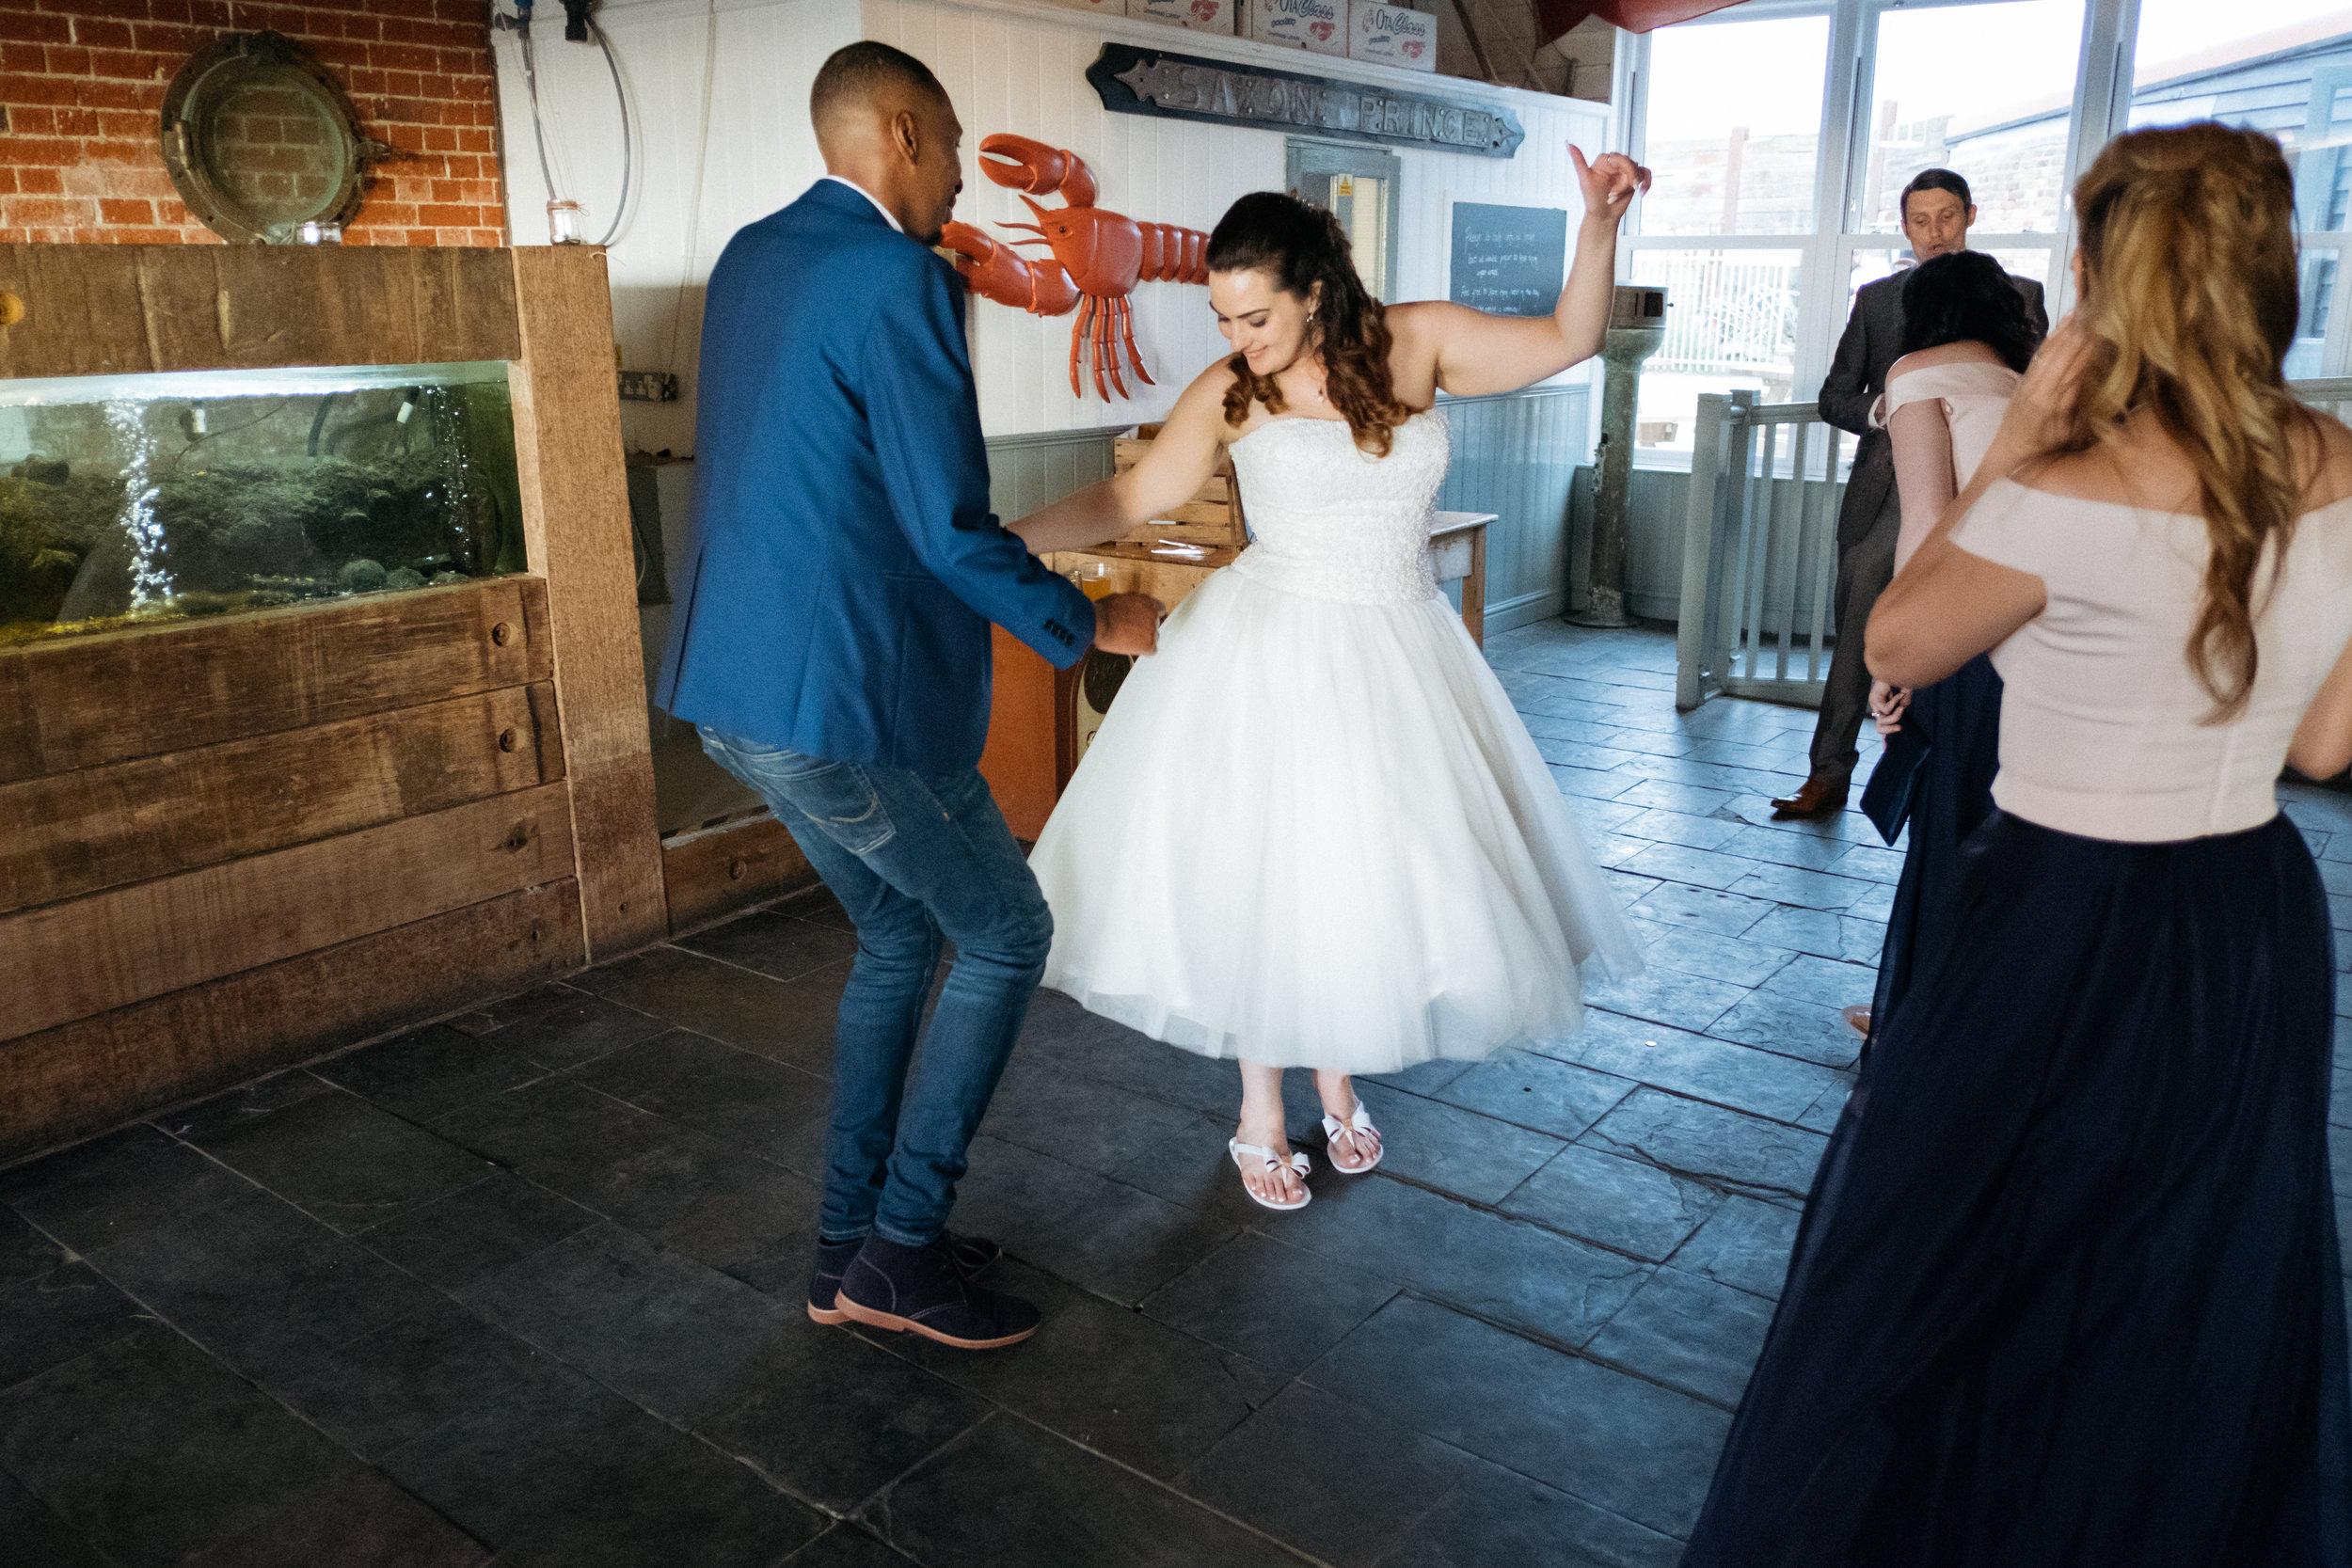 Dancing at East Quay wedding venue